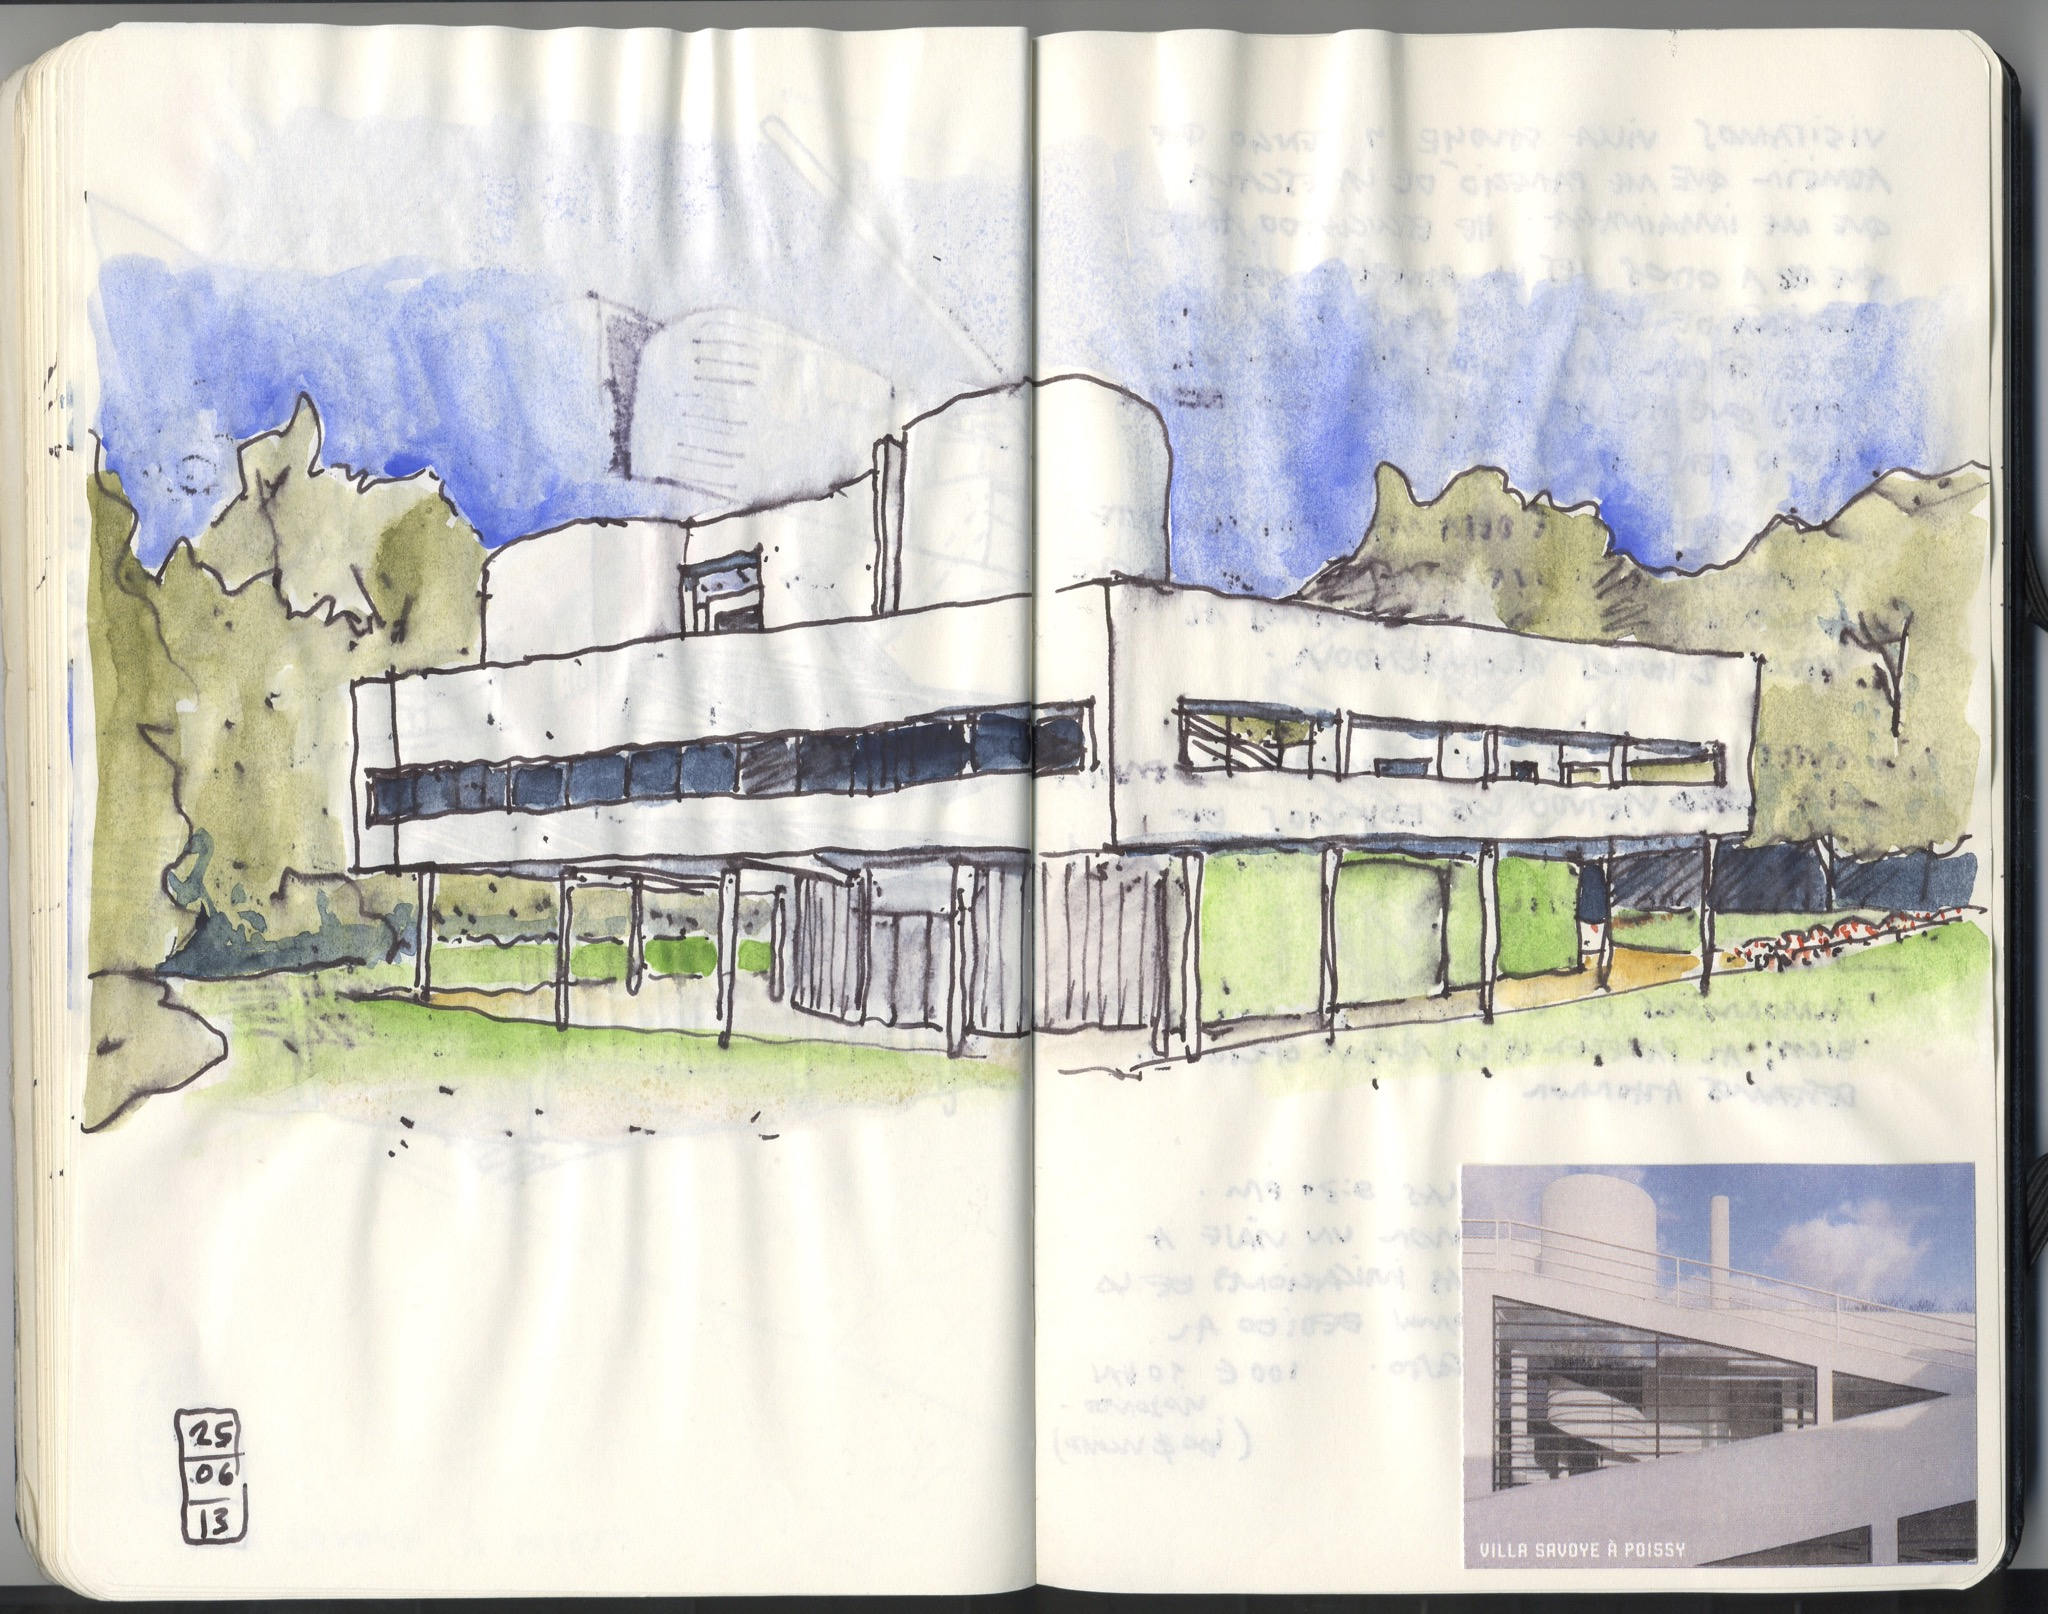 Villa savoye 1928 1931 le corbusier et pierre jeanneret for 5 points of architecture